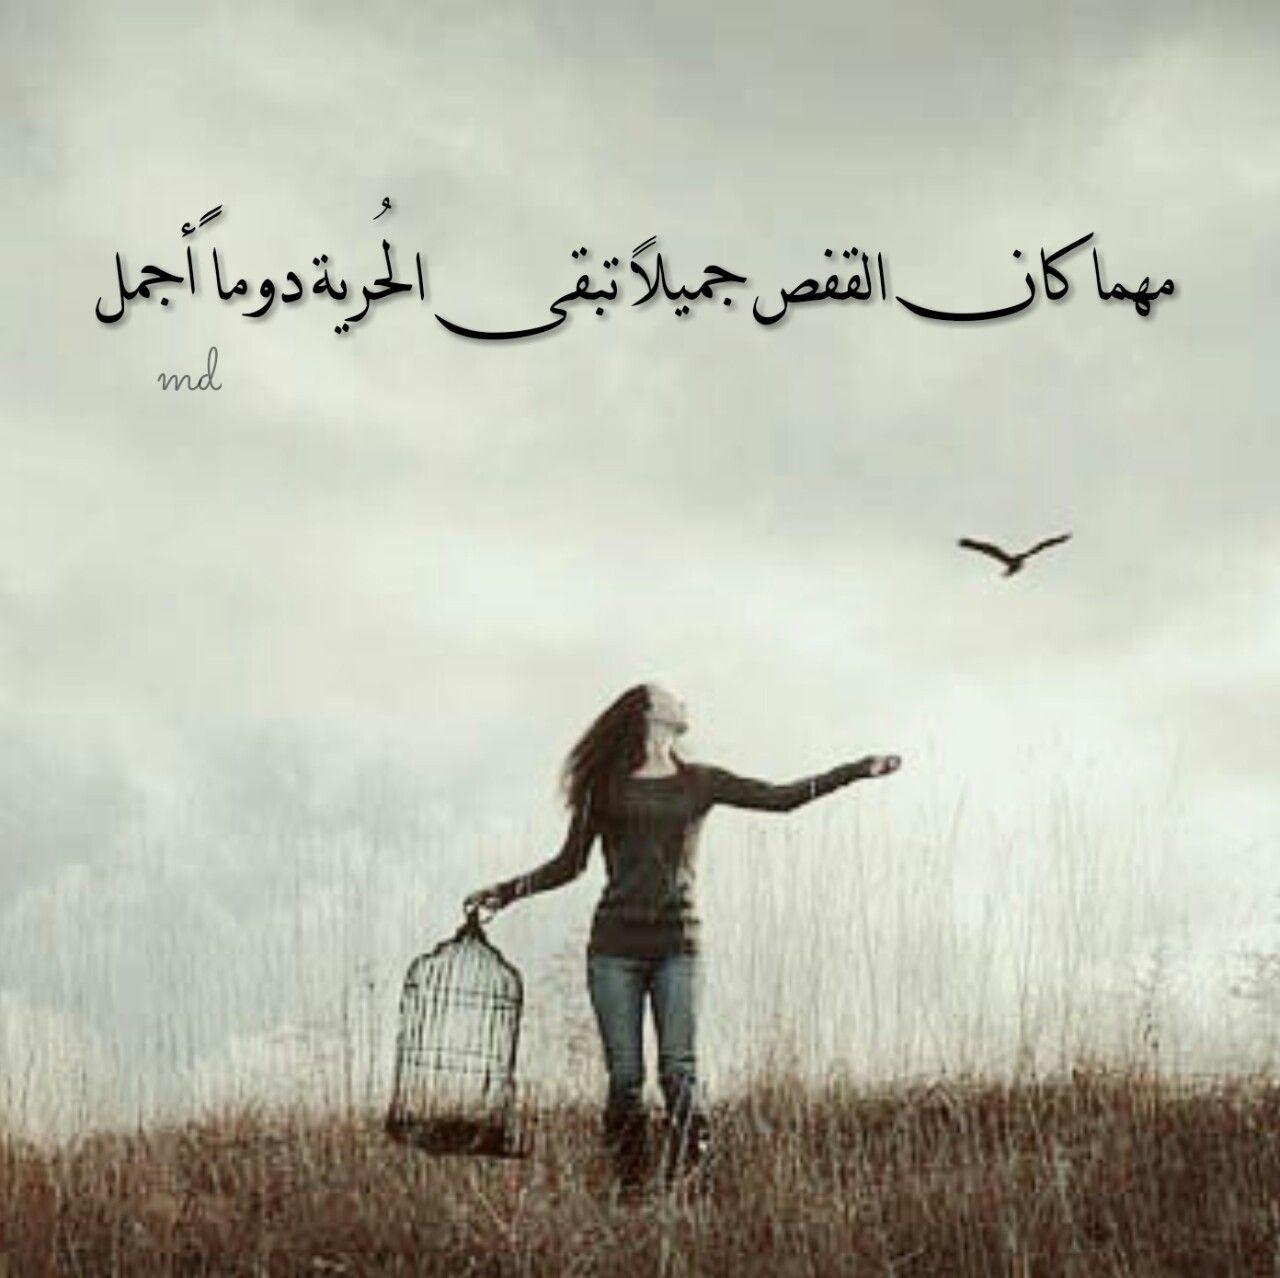 الحريه اجمل هاااانت خلاص Words Shadow New Beginnings